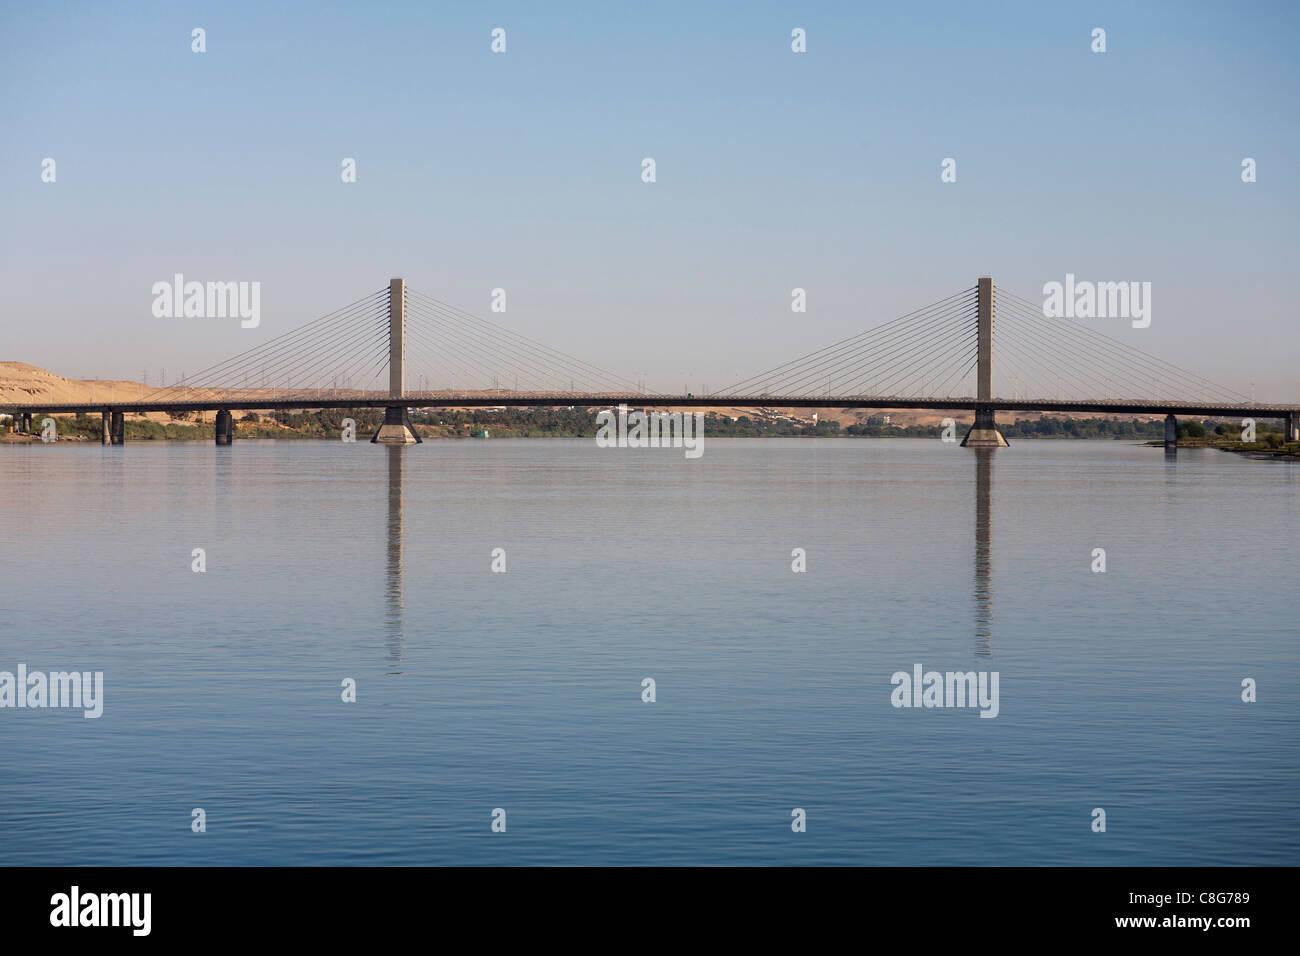 Long coup de l'Assouan suspension bridge ressemblant à un bateau avec deux voiles enjambant le Nil, l'Egypte Banque D'Images